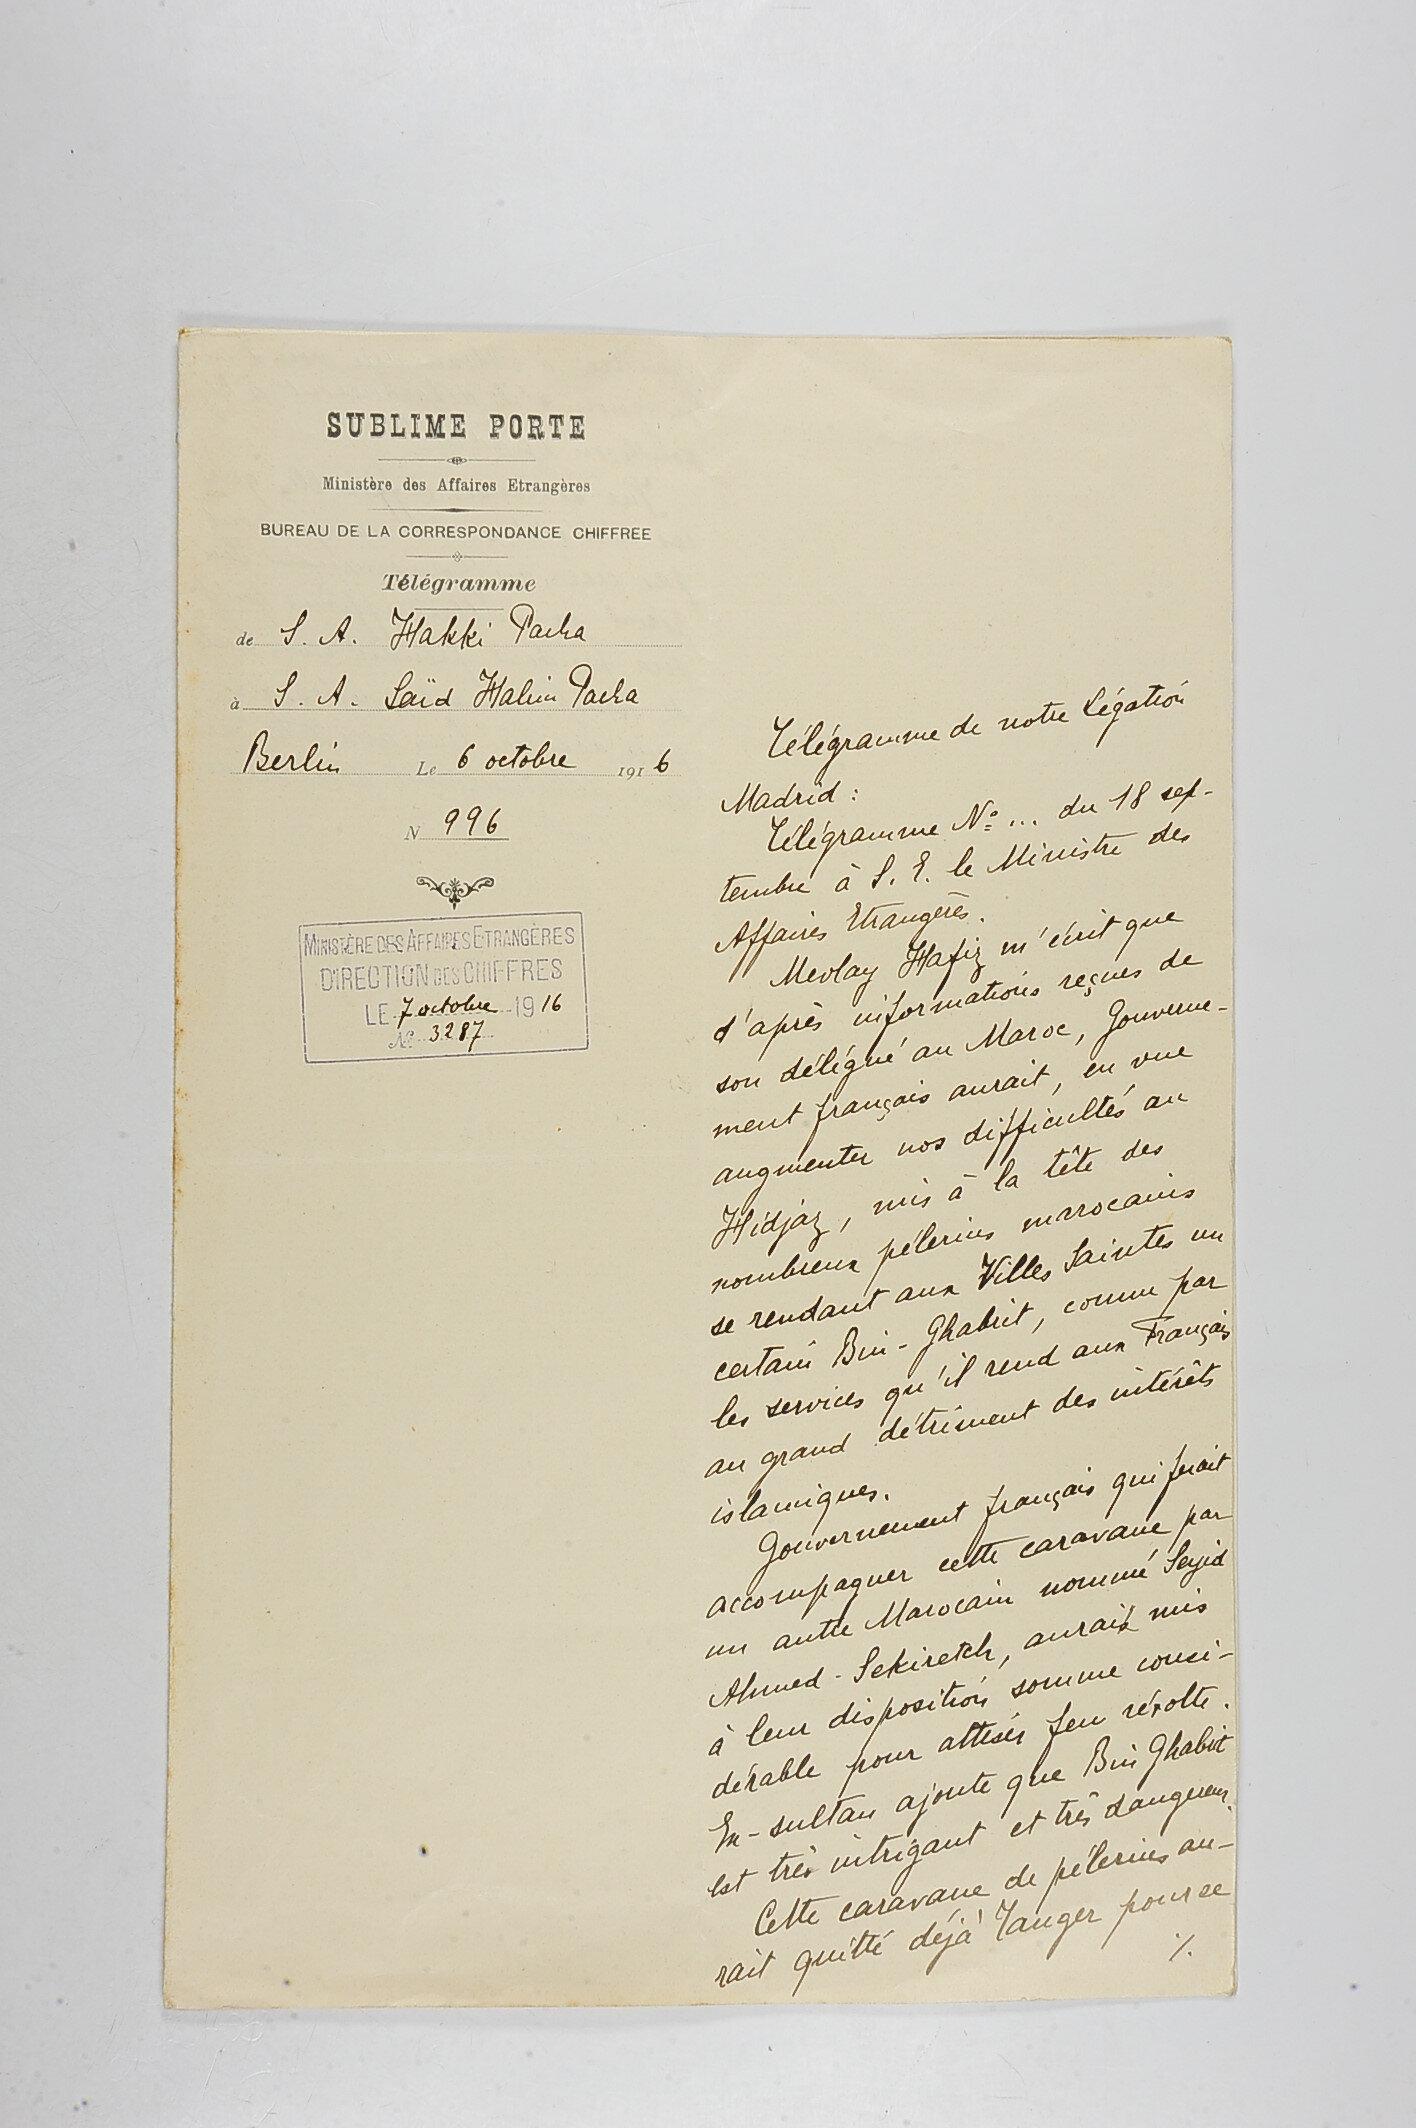 Madrid Sefareti Maslahatgüzarı İbrahim Ziya Bey'den, o dönem Hariciye Nazırlığı ile Sadrazamlığı birlikte yürüten Said Halim Paşa'ya gönderilen rapor.